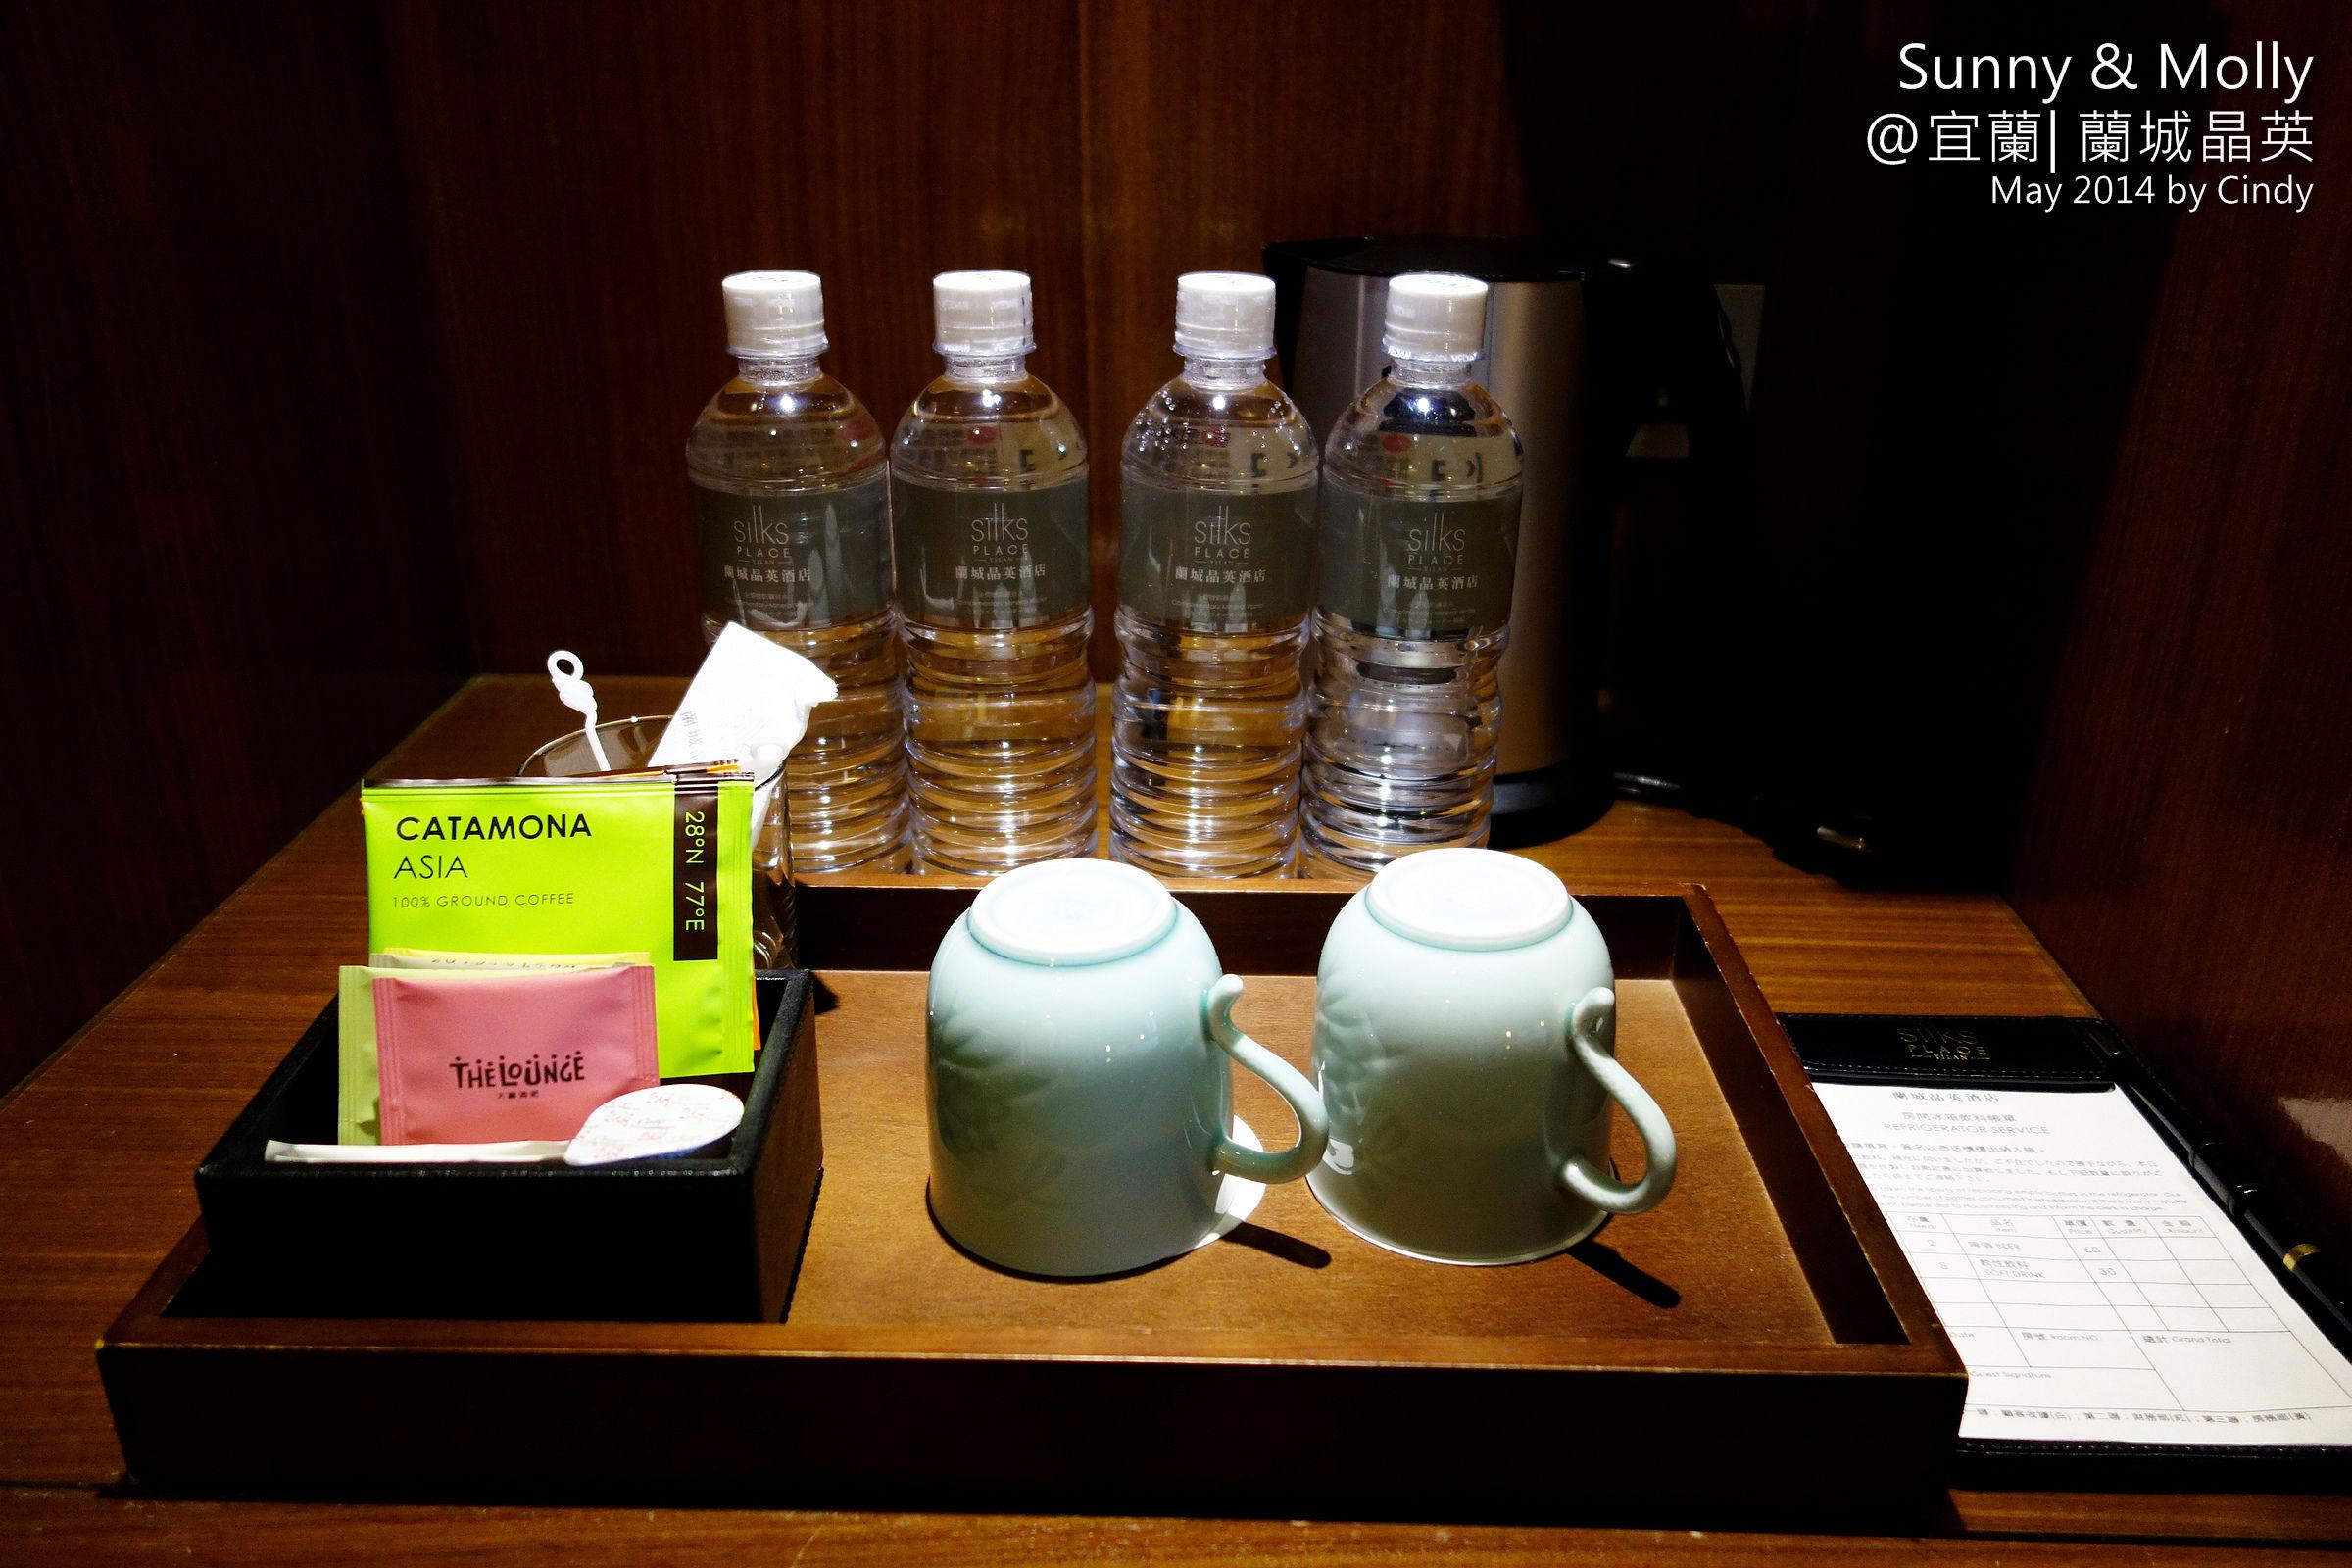 2014-0510-蘭城晶英-11